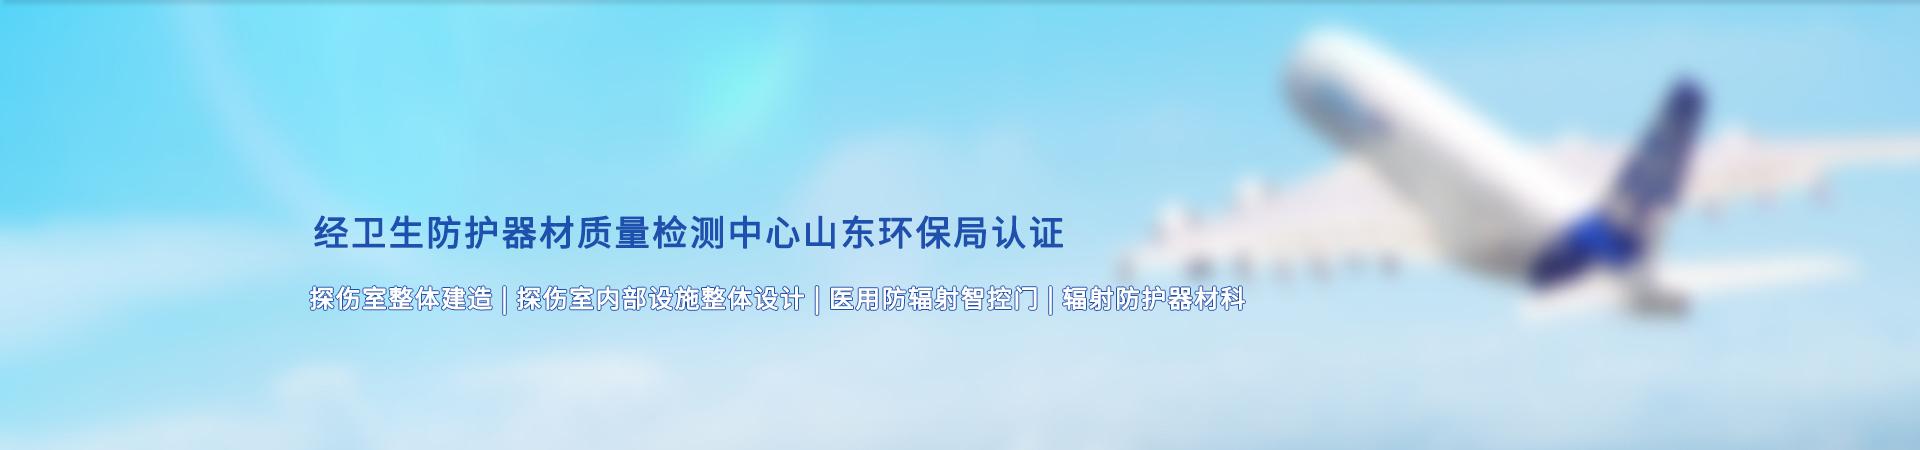 http://www.hefur.cn/data/images/slide/20190827171901_376.jpg